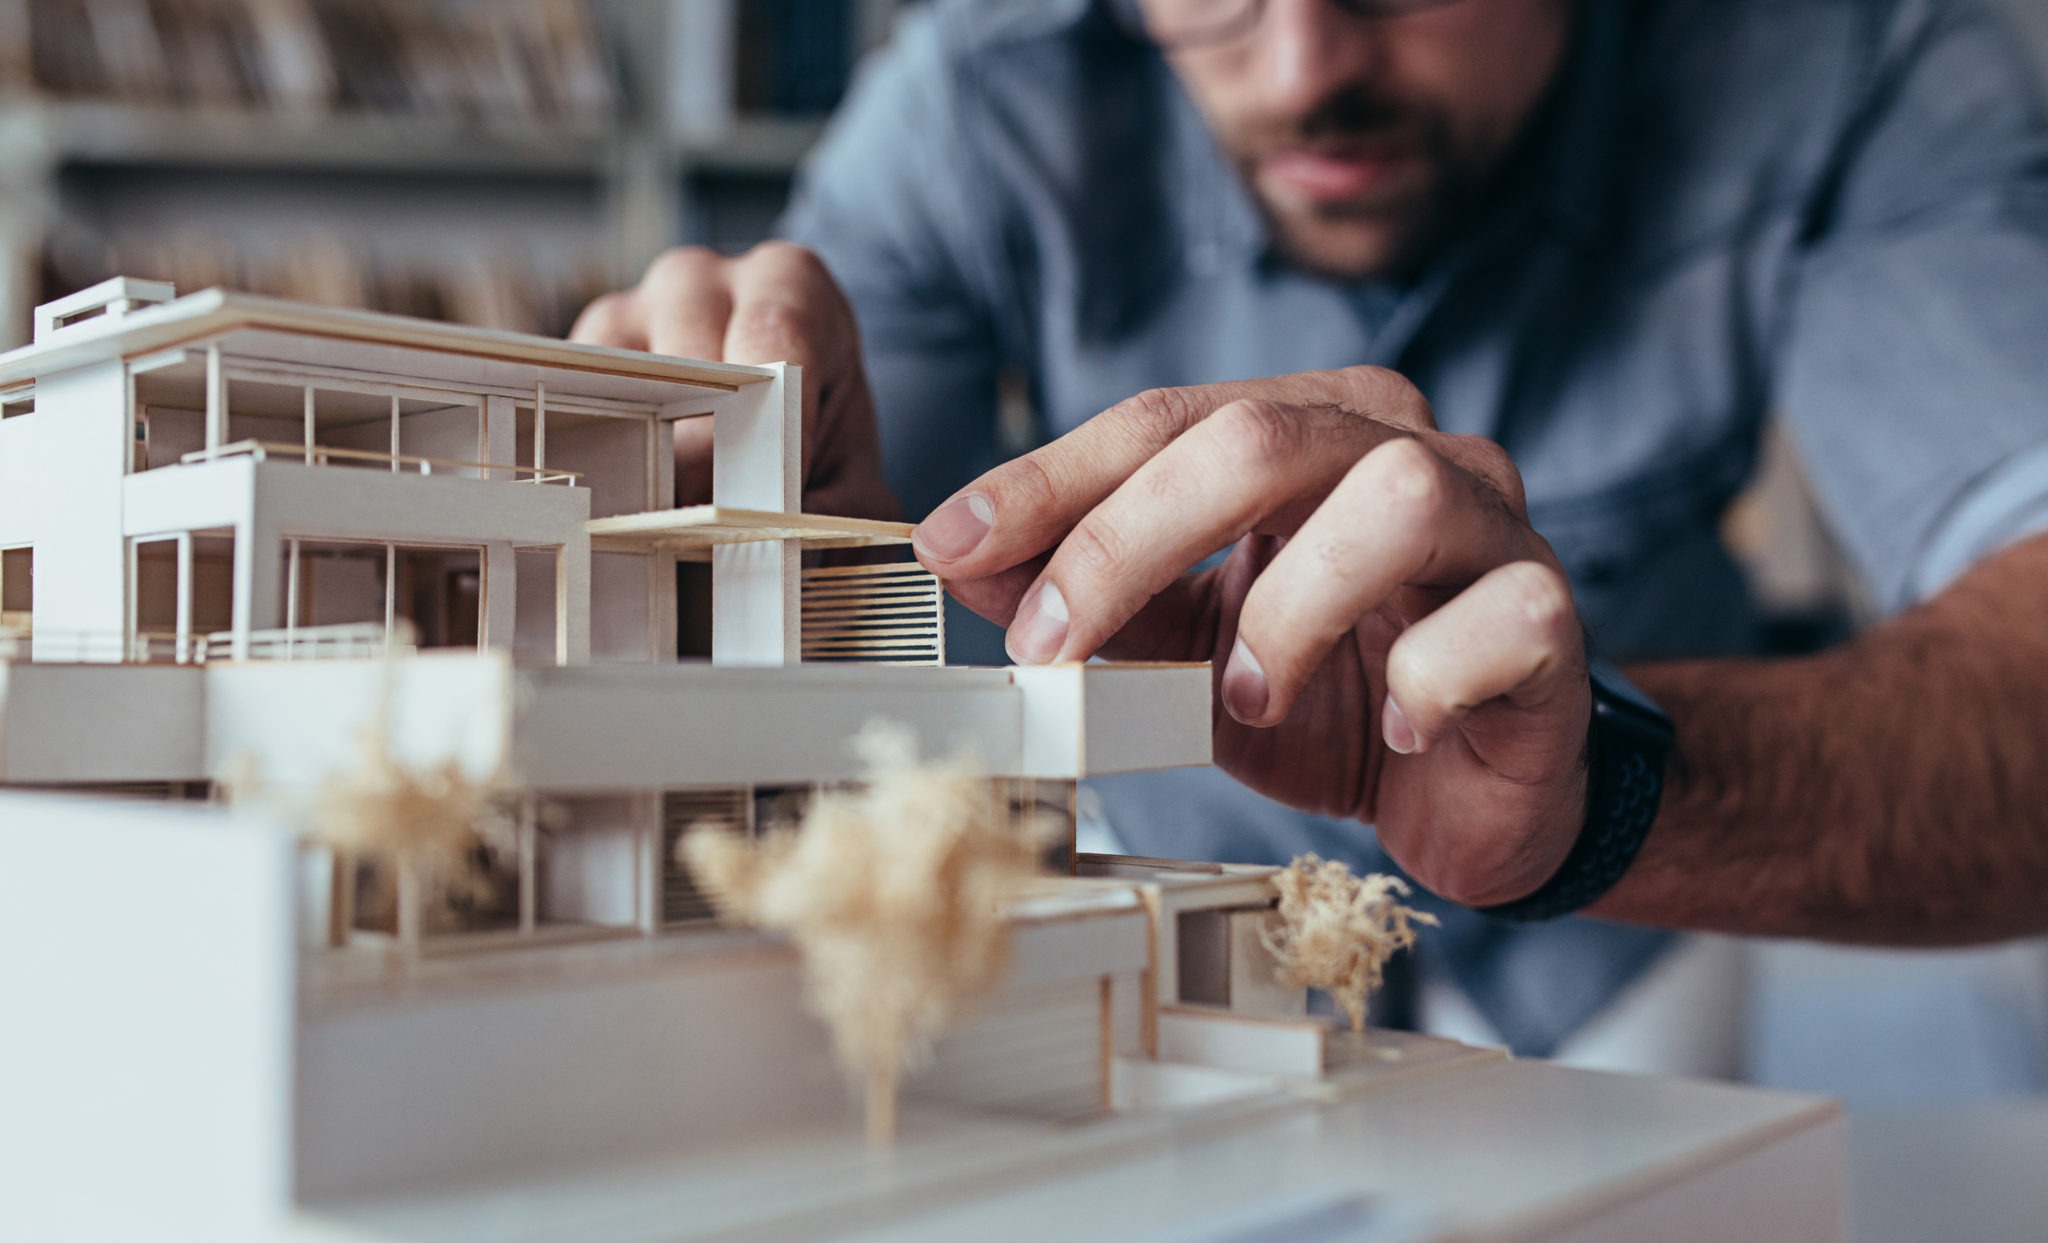 Architecte malfaçons maison défauts